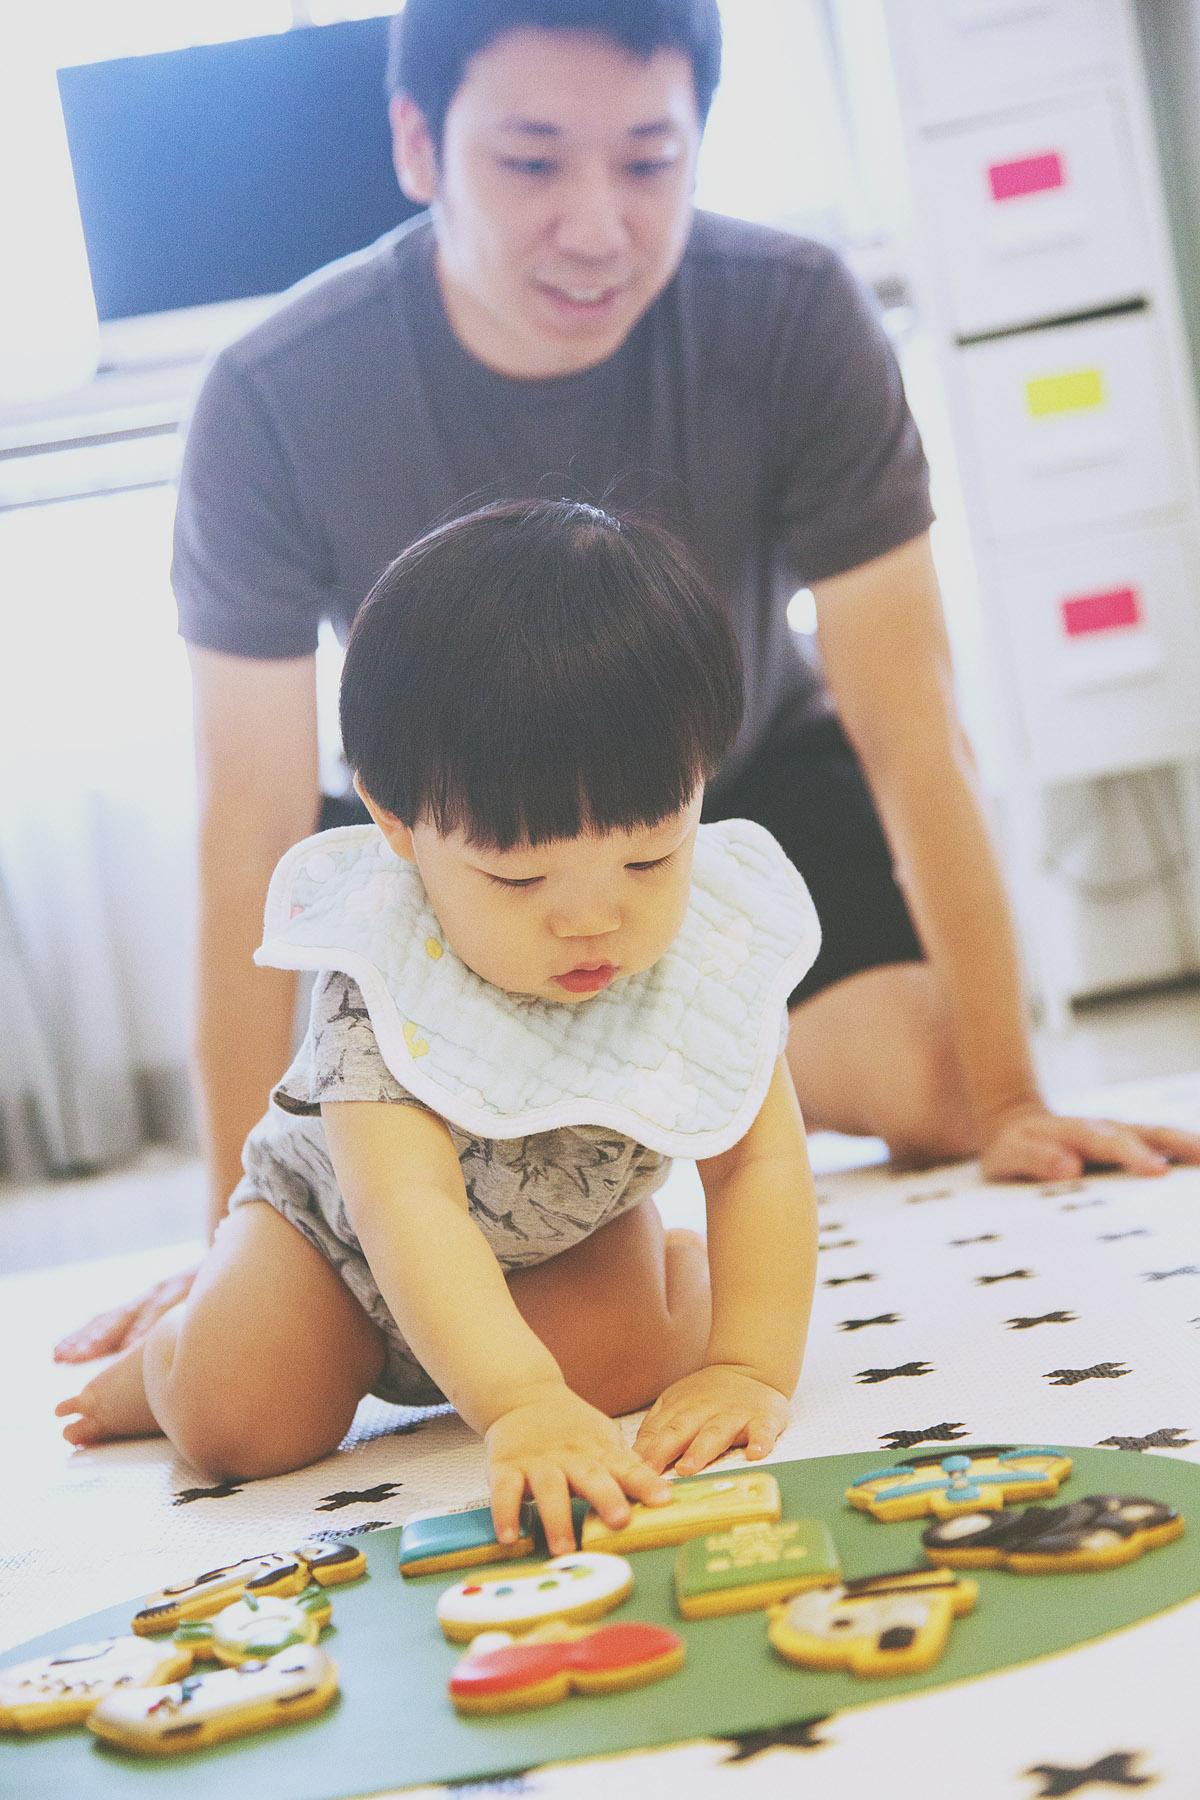 抓周,家庭攝影,家庭寫真,兒童寫真,親子寫真,兒童攝影,全家福照,桃園,台北,新竹,推薦,自然風格,生活風格,居家風格,溫度,情感